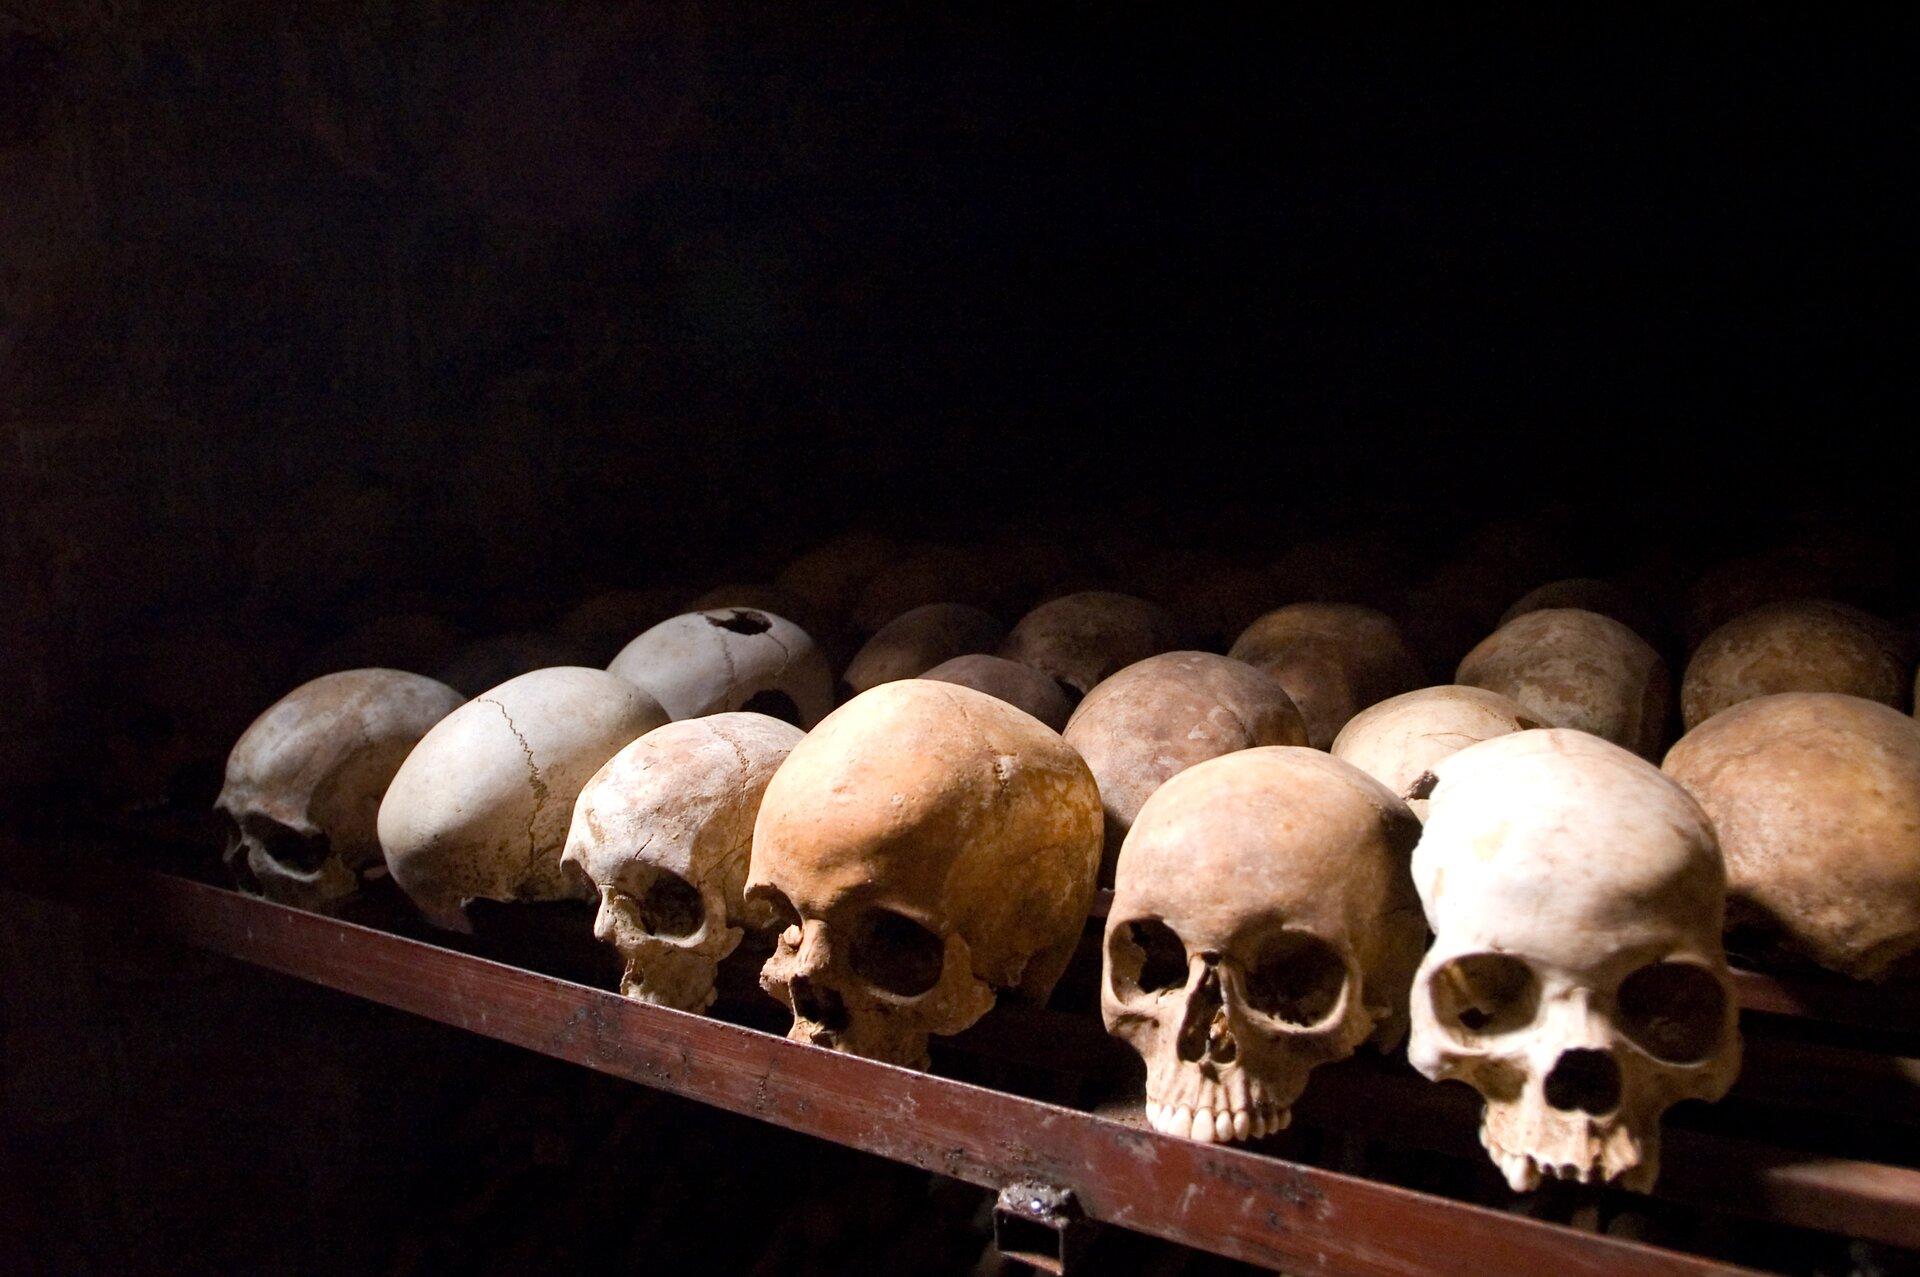 na zdjeciu widac czaszki pomordowanych ludzi